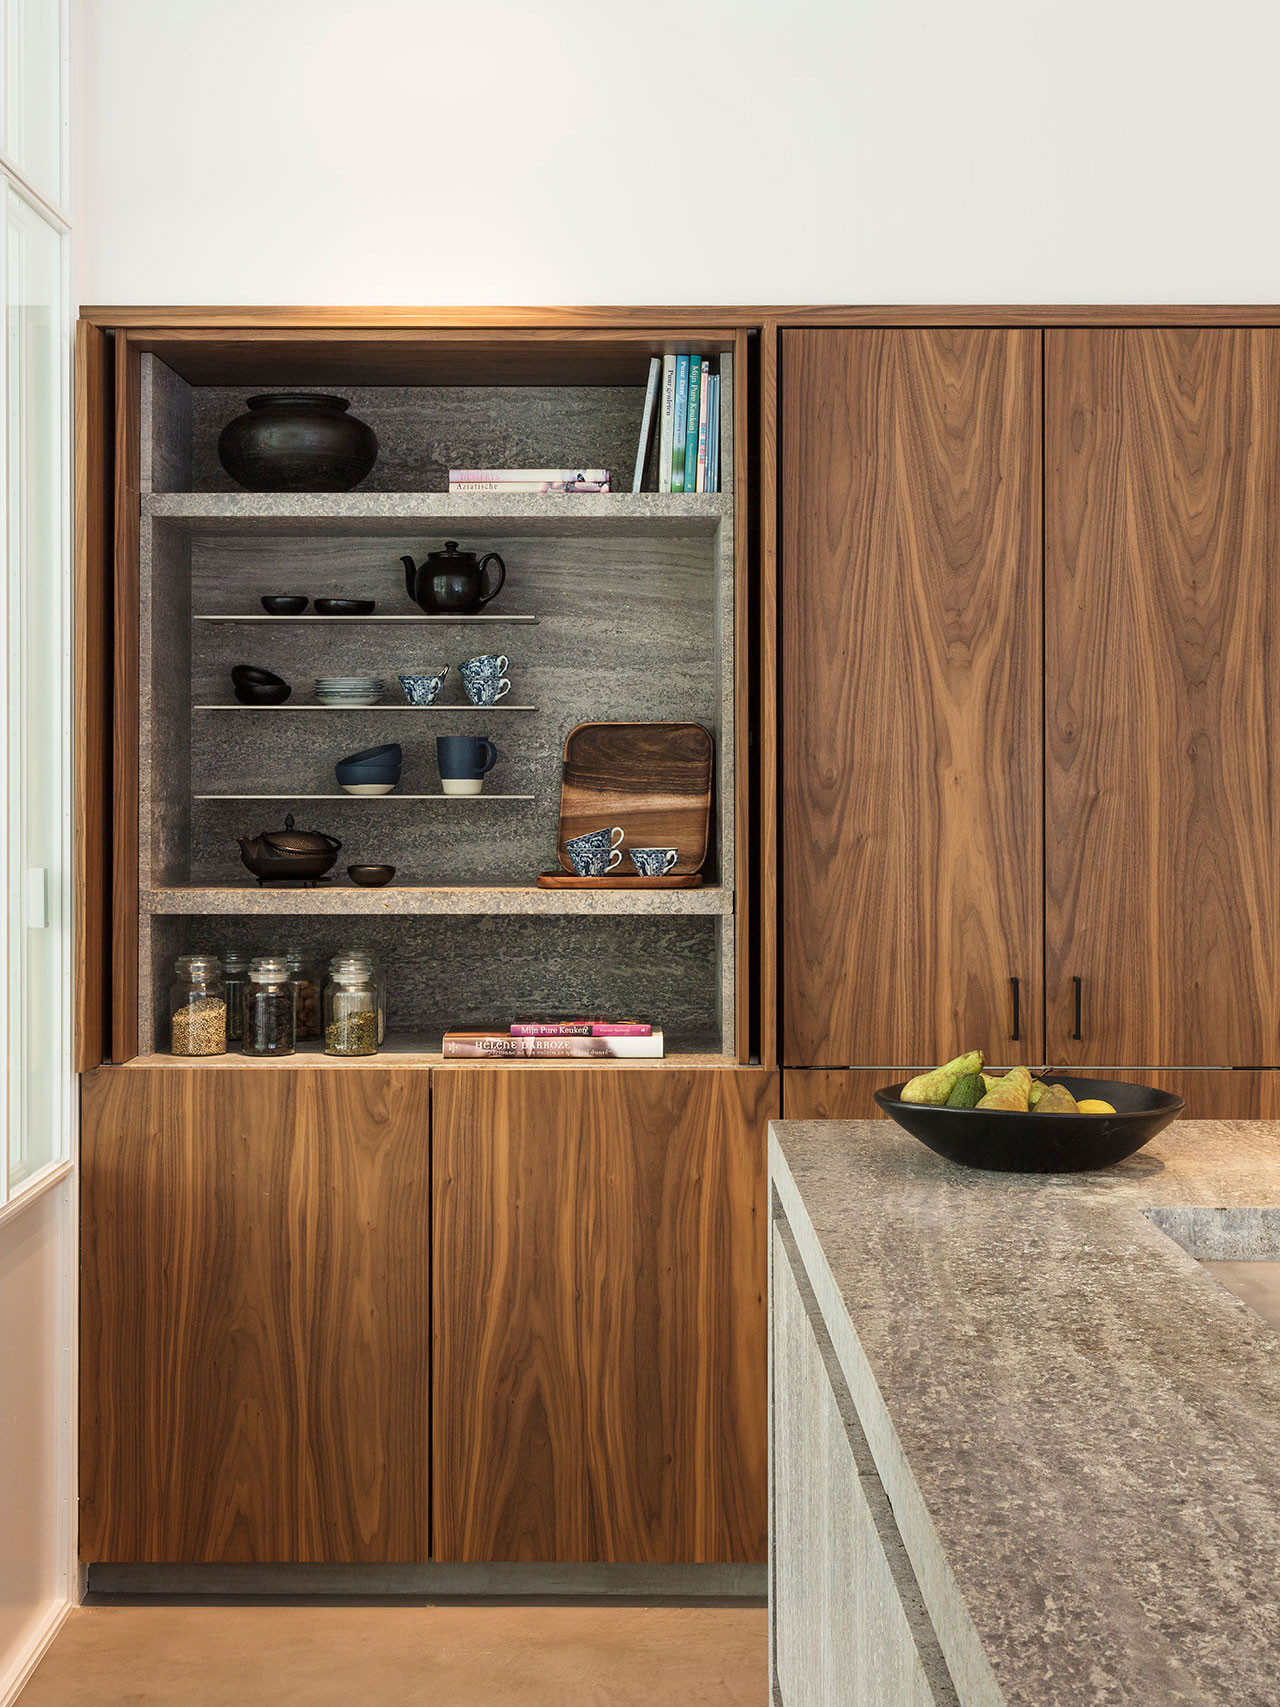 Dekeyzer-hedendaagse-keuken-notelaar-natuursteen-3.jpg